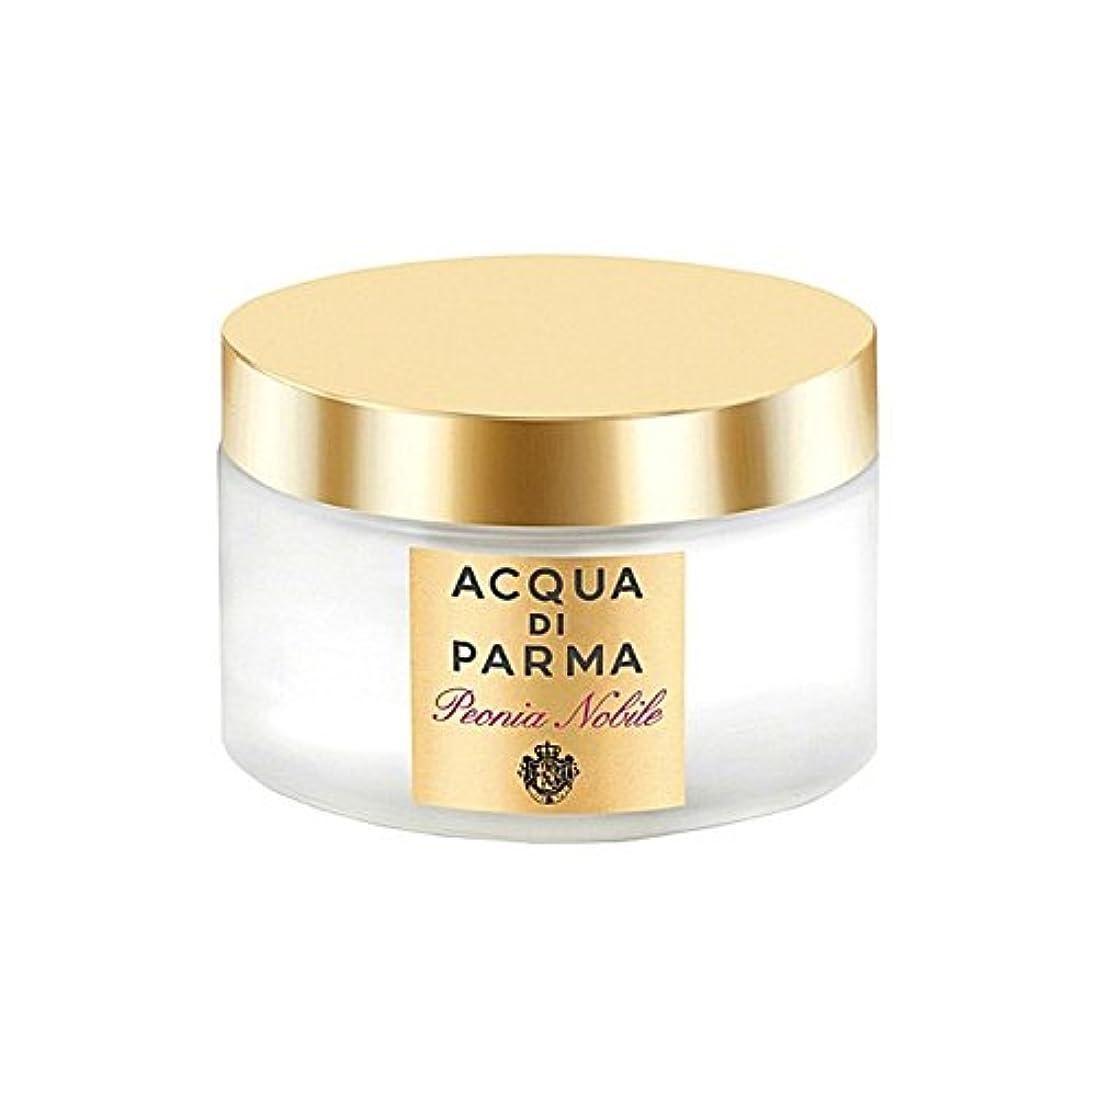 マカダム服反乱Acqua Di Parma Peonia Nobile Body Cream 150ml (Pack of 6) - アクアディパルマノビレボディクリーム150ミリリットル x6 [並行輸入品]